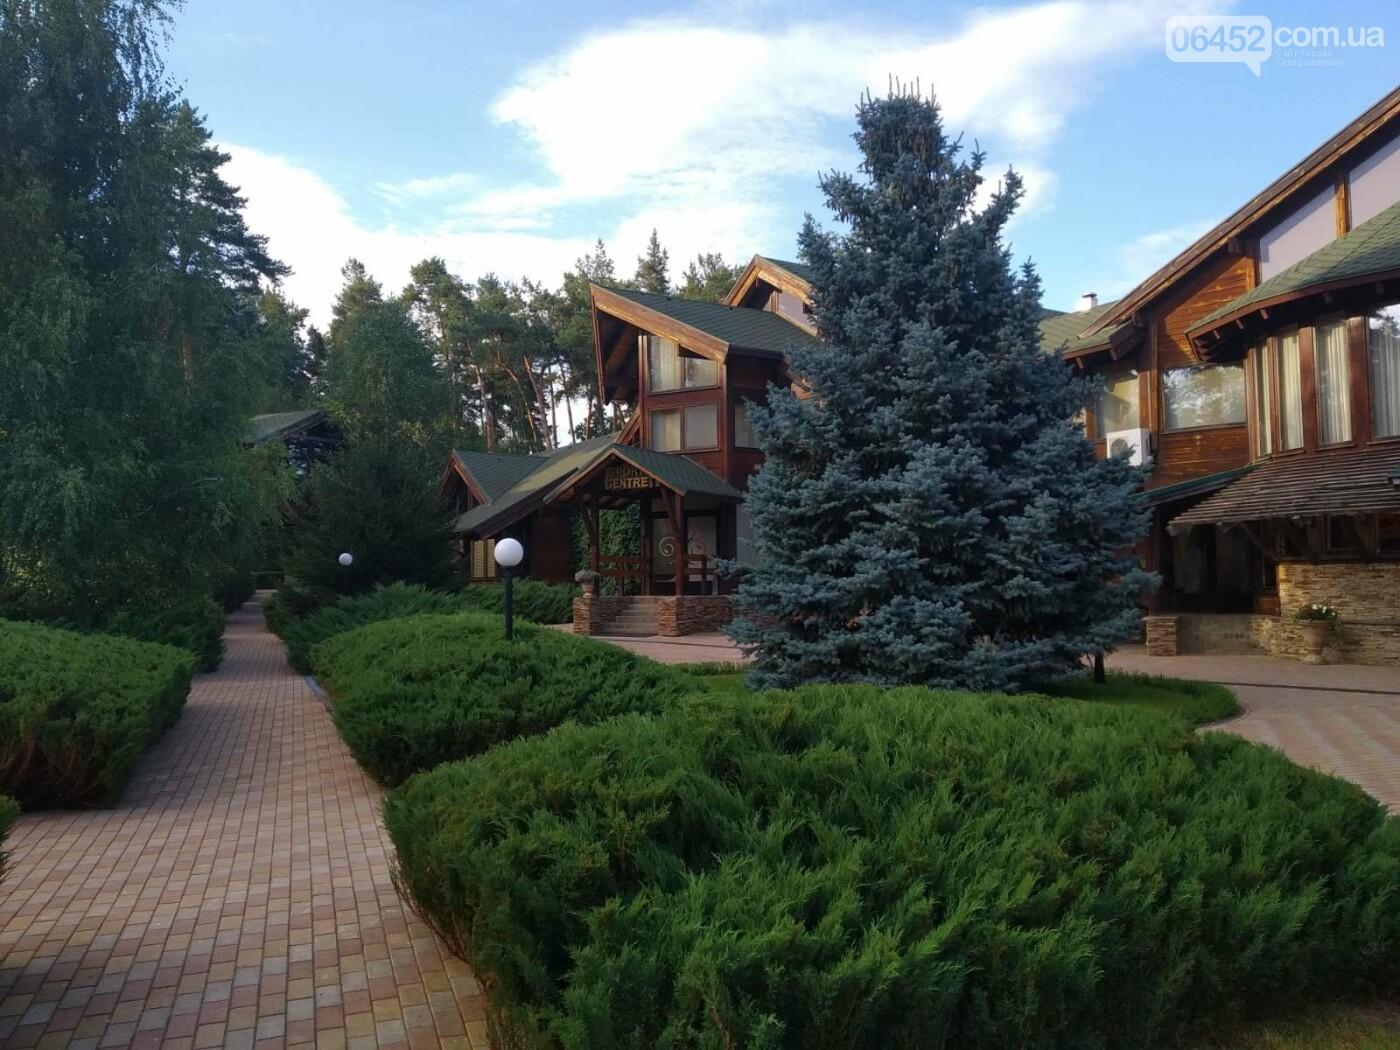 Европейский курорт в центре Луганщины: место из которого вы не захотите уезжать, фото-1